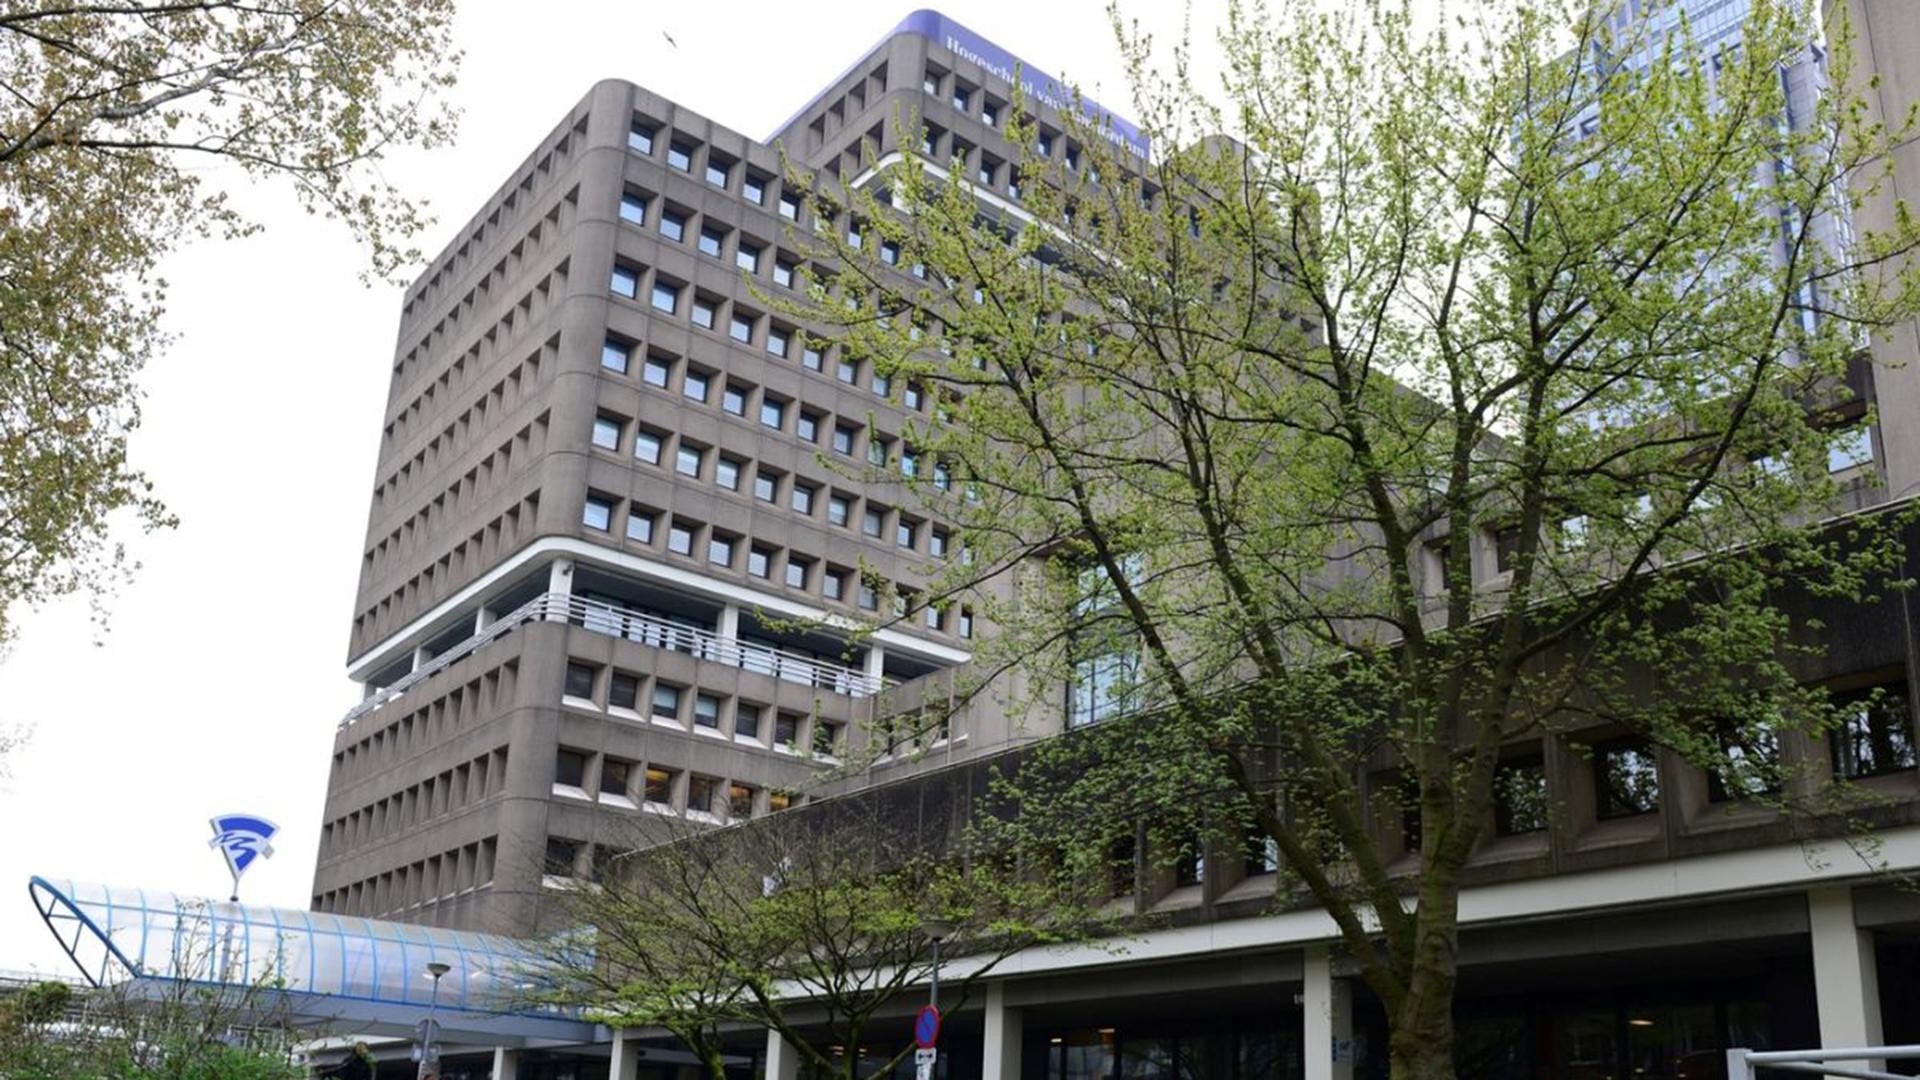 Zonnecollectoren Hogeschool Amsterdam